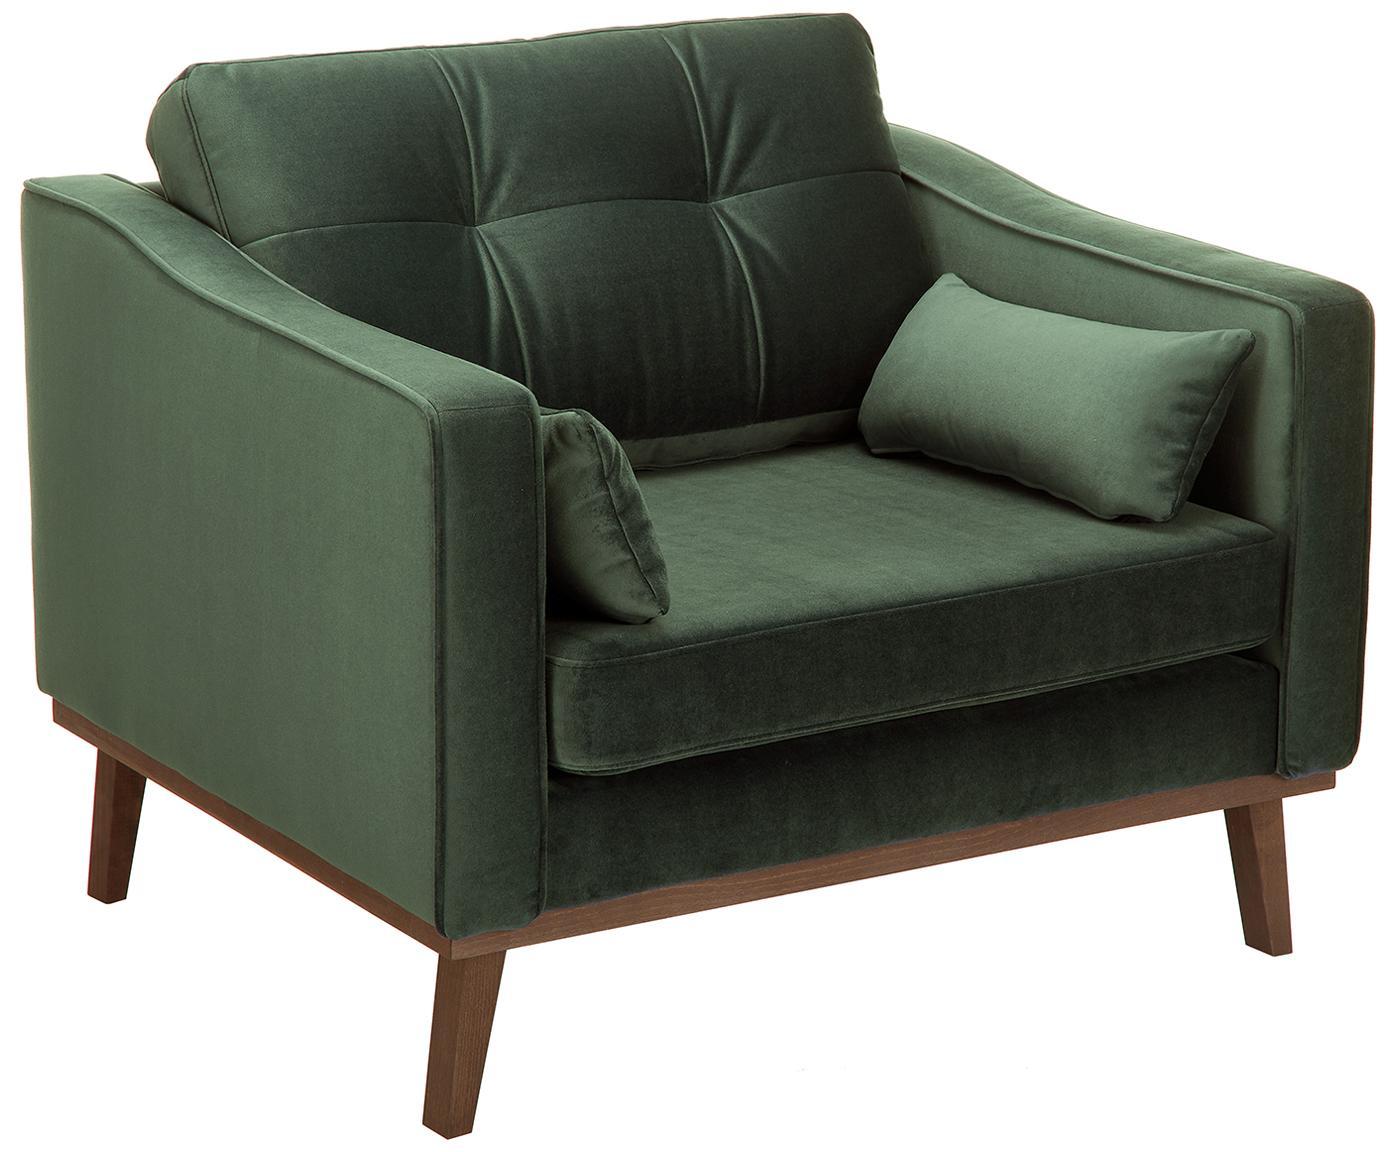 Fotel z aksamitu Alva, Tapicerka: aksamit (wysokiej jakości, Stelaż: drewno sosnowe, Nogi: lite drewno bukowe, barwi, Oliwkowy, S 102 x G 92 cm